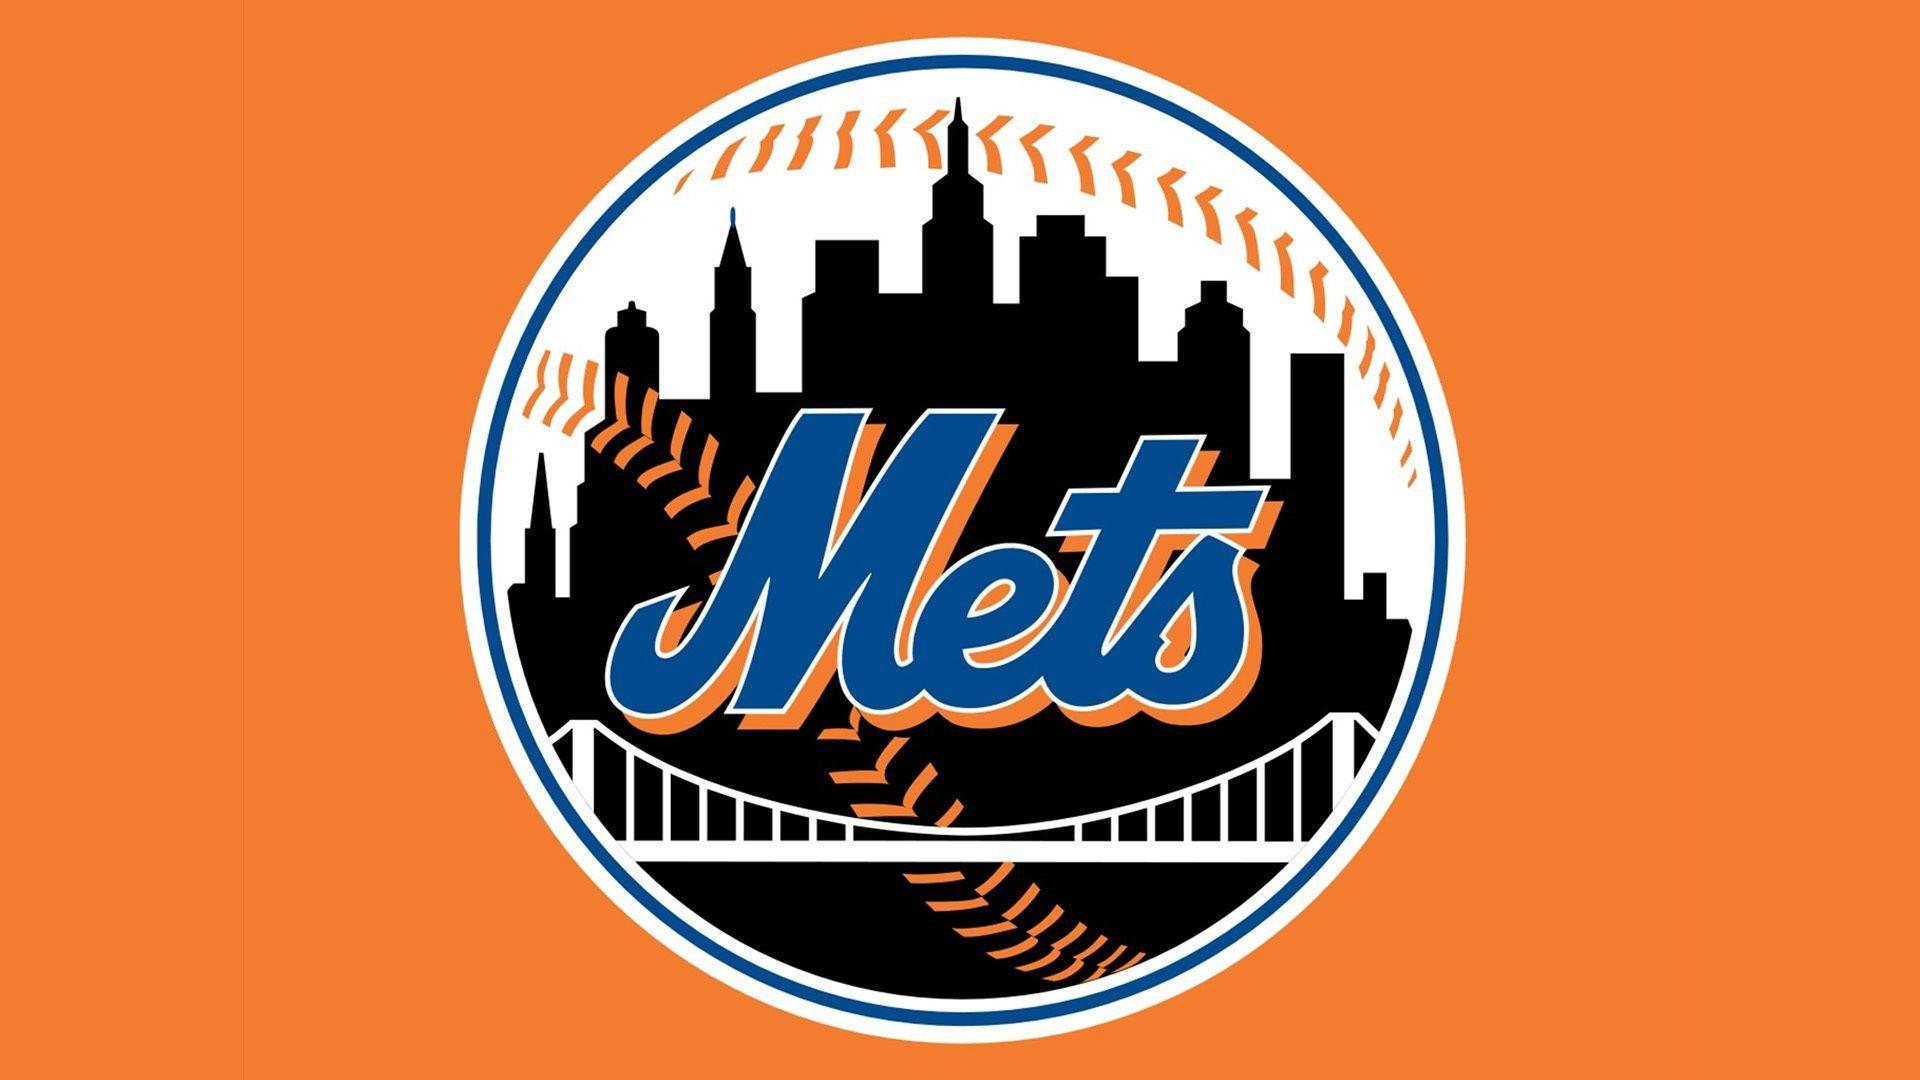 New York Mets desktop image